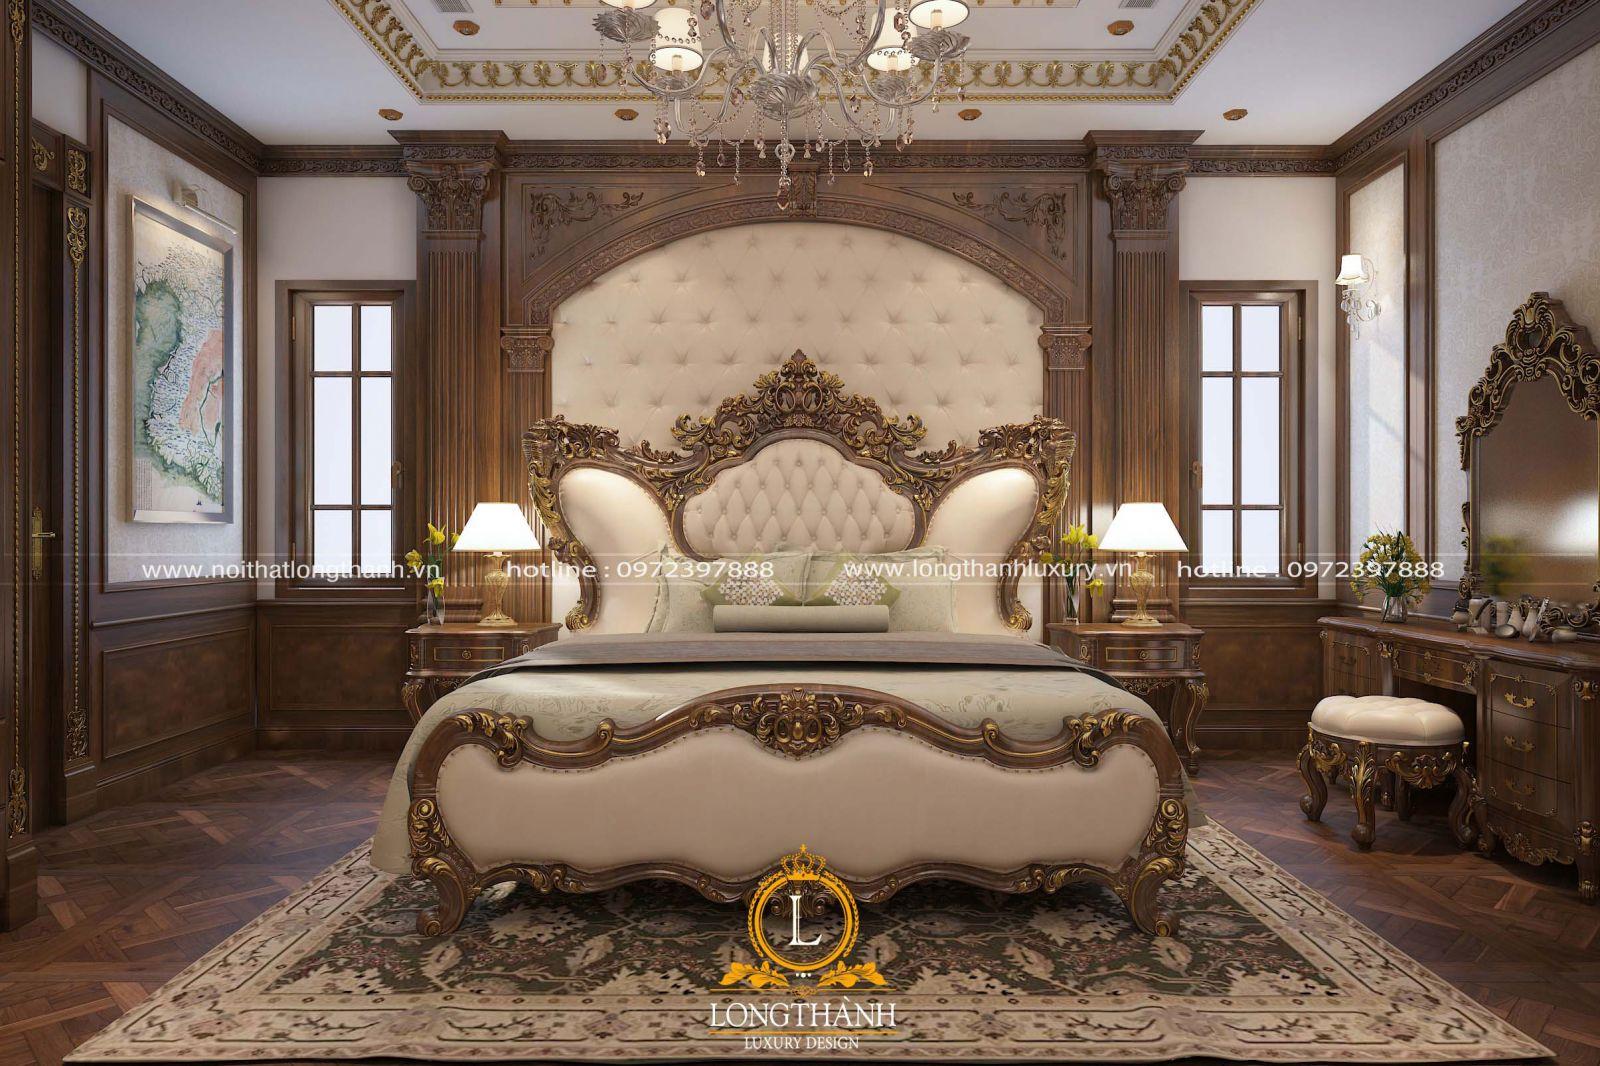 Phòng ngủ tân cổ điển đẹp tinh tế với giường ngủ master dát vàng